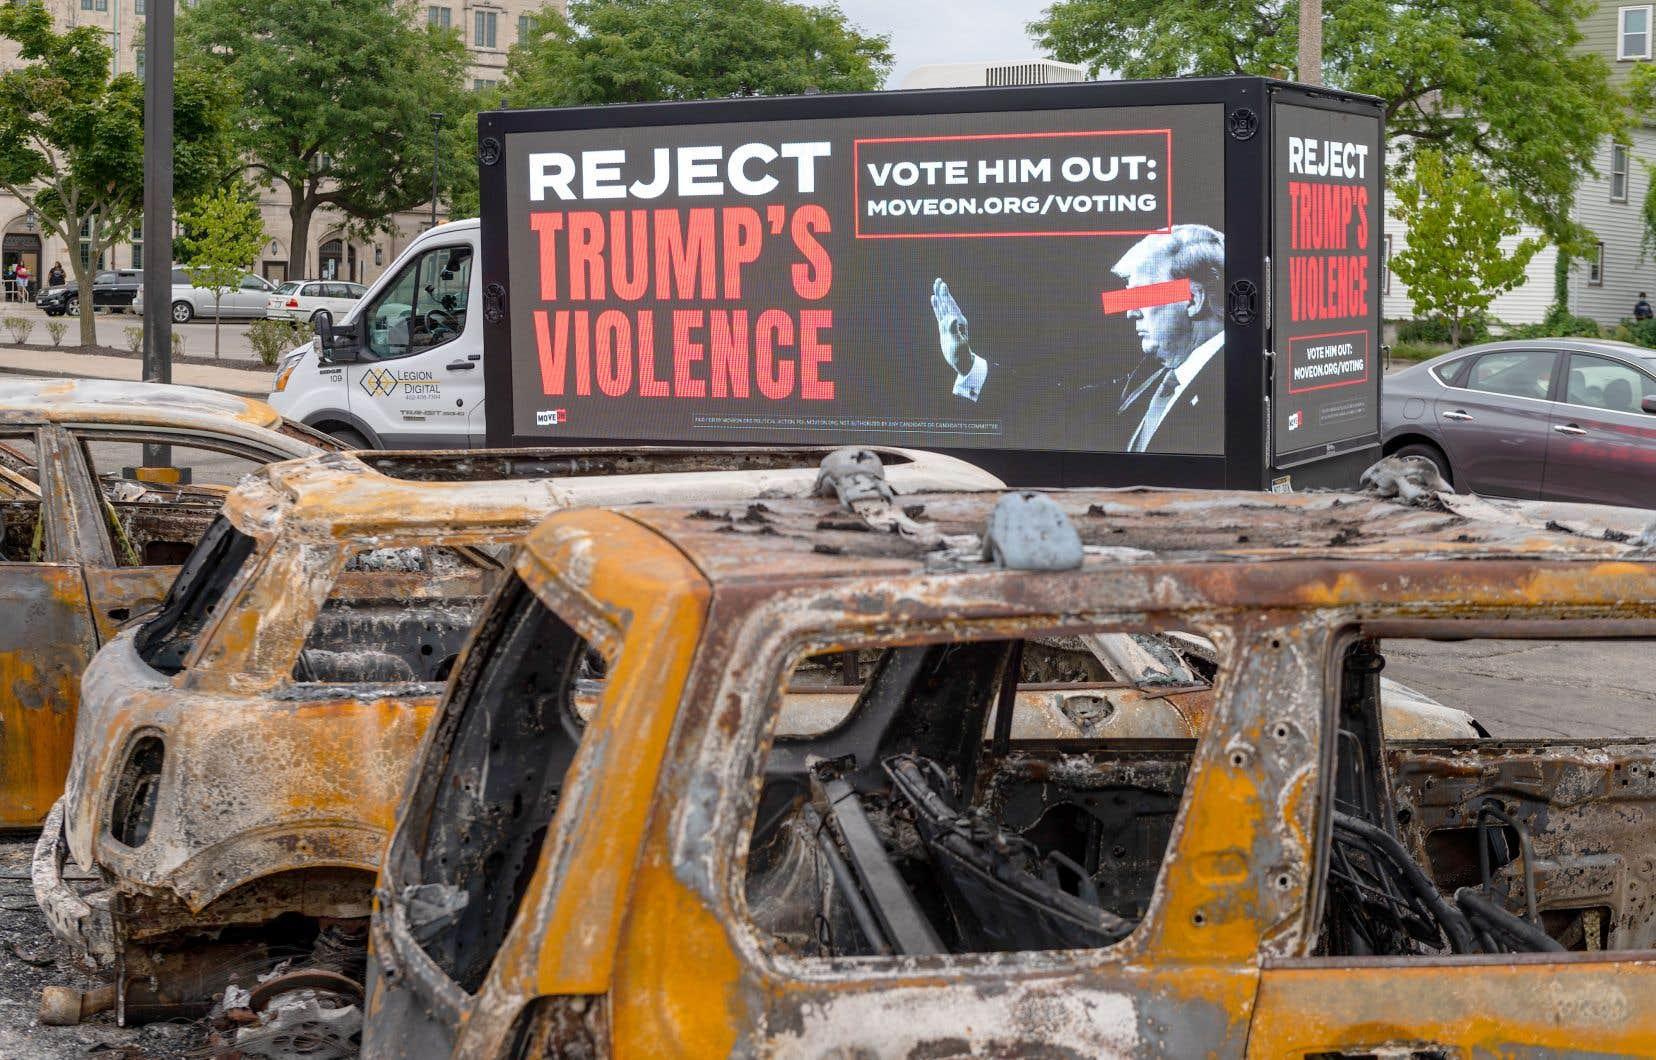 Donald Trump a été accueilli mardi à Kenosha, dans le Wisconsin, avec un camion publicitaire sur lequel on pouvait lire «Reject Trump's violence» (rejetez la violence de Trump) circulant à travers les restes des émeutes qui ont suivi plusieurs manifestations.